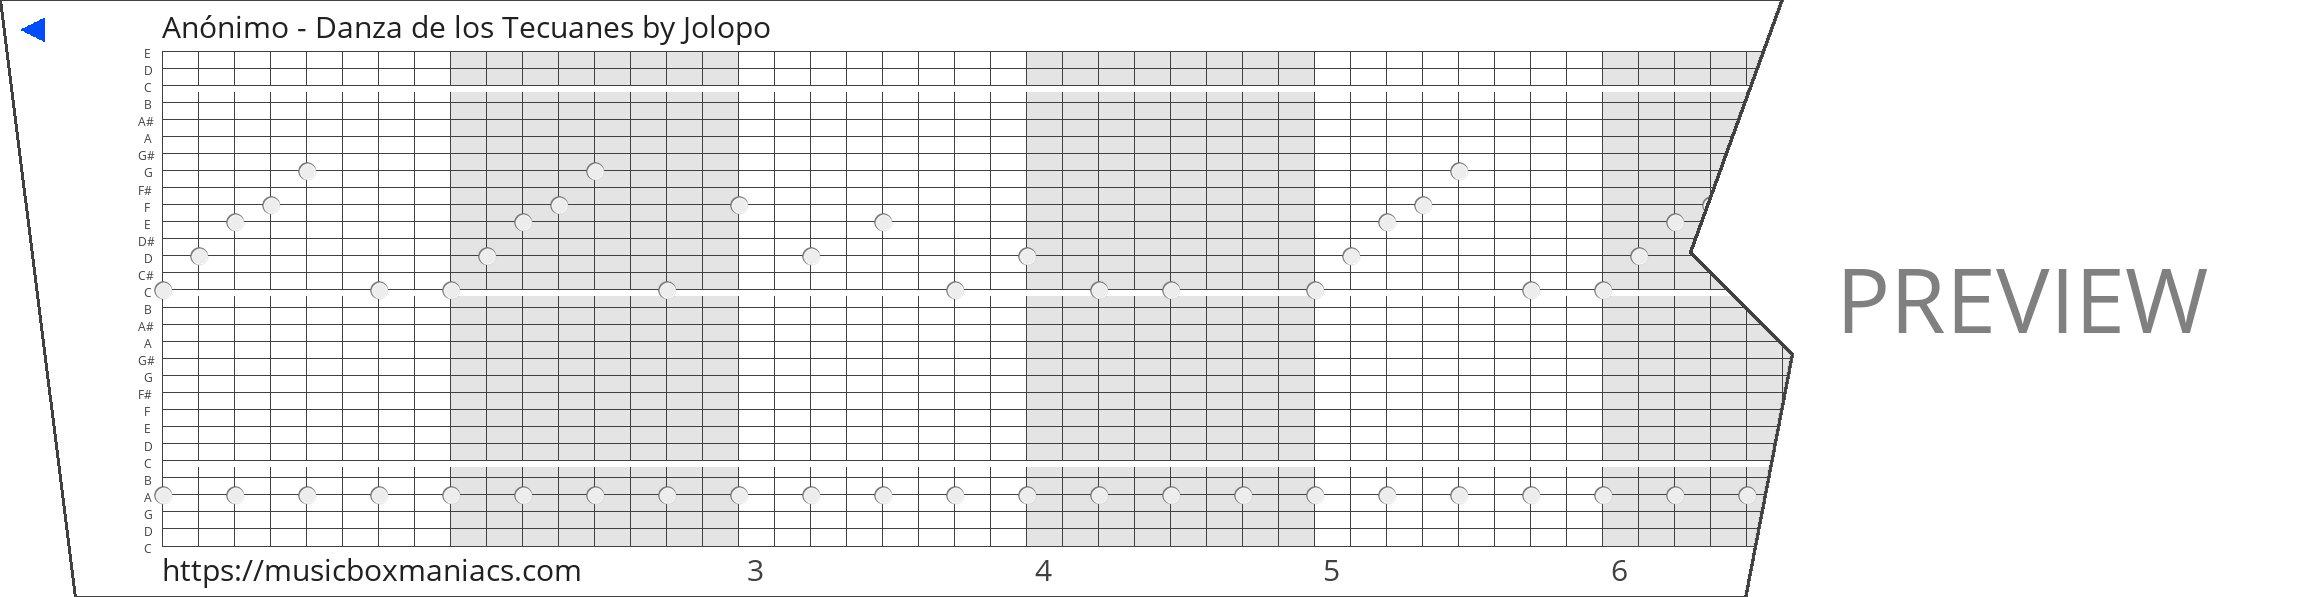 Anónimo - Danza de los Tecuanes 30 note music box paper strip